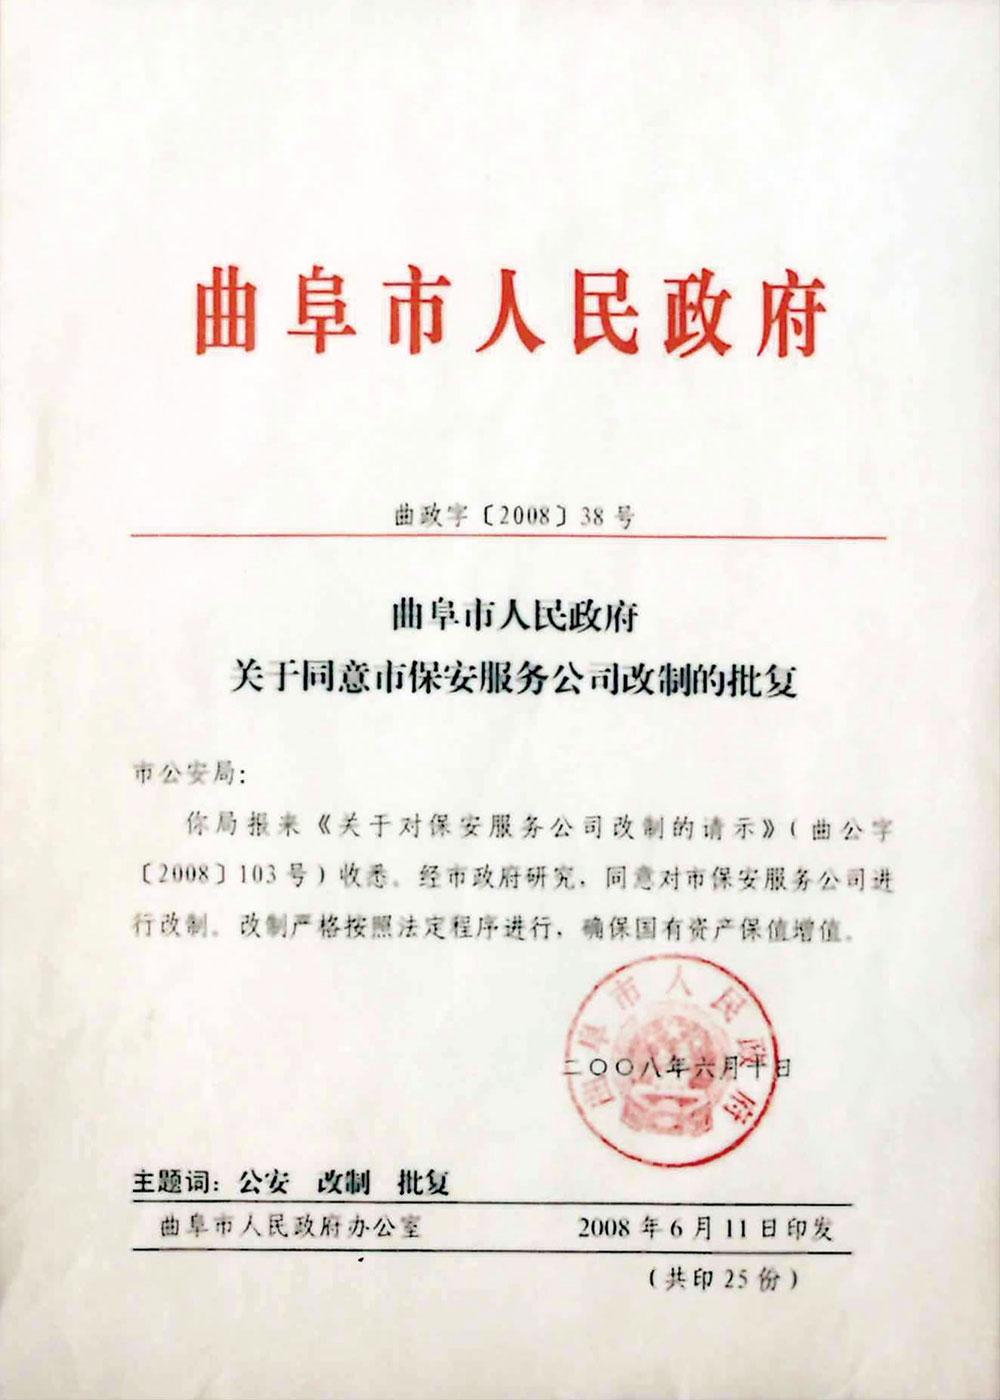 宋涛-9.jpg